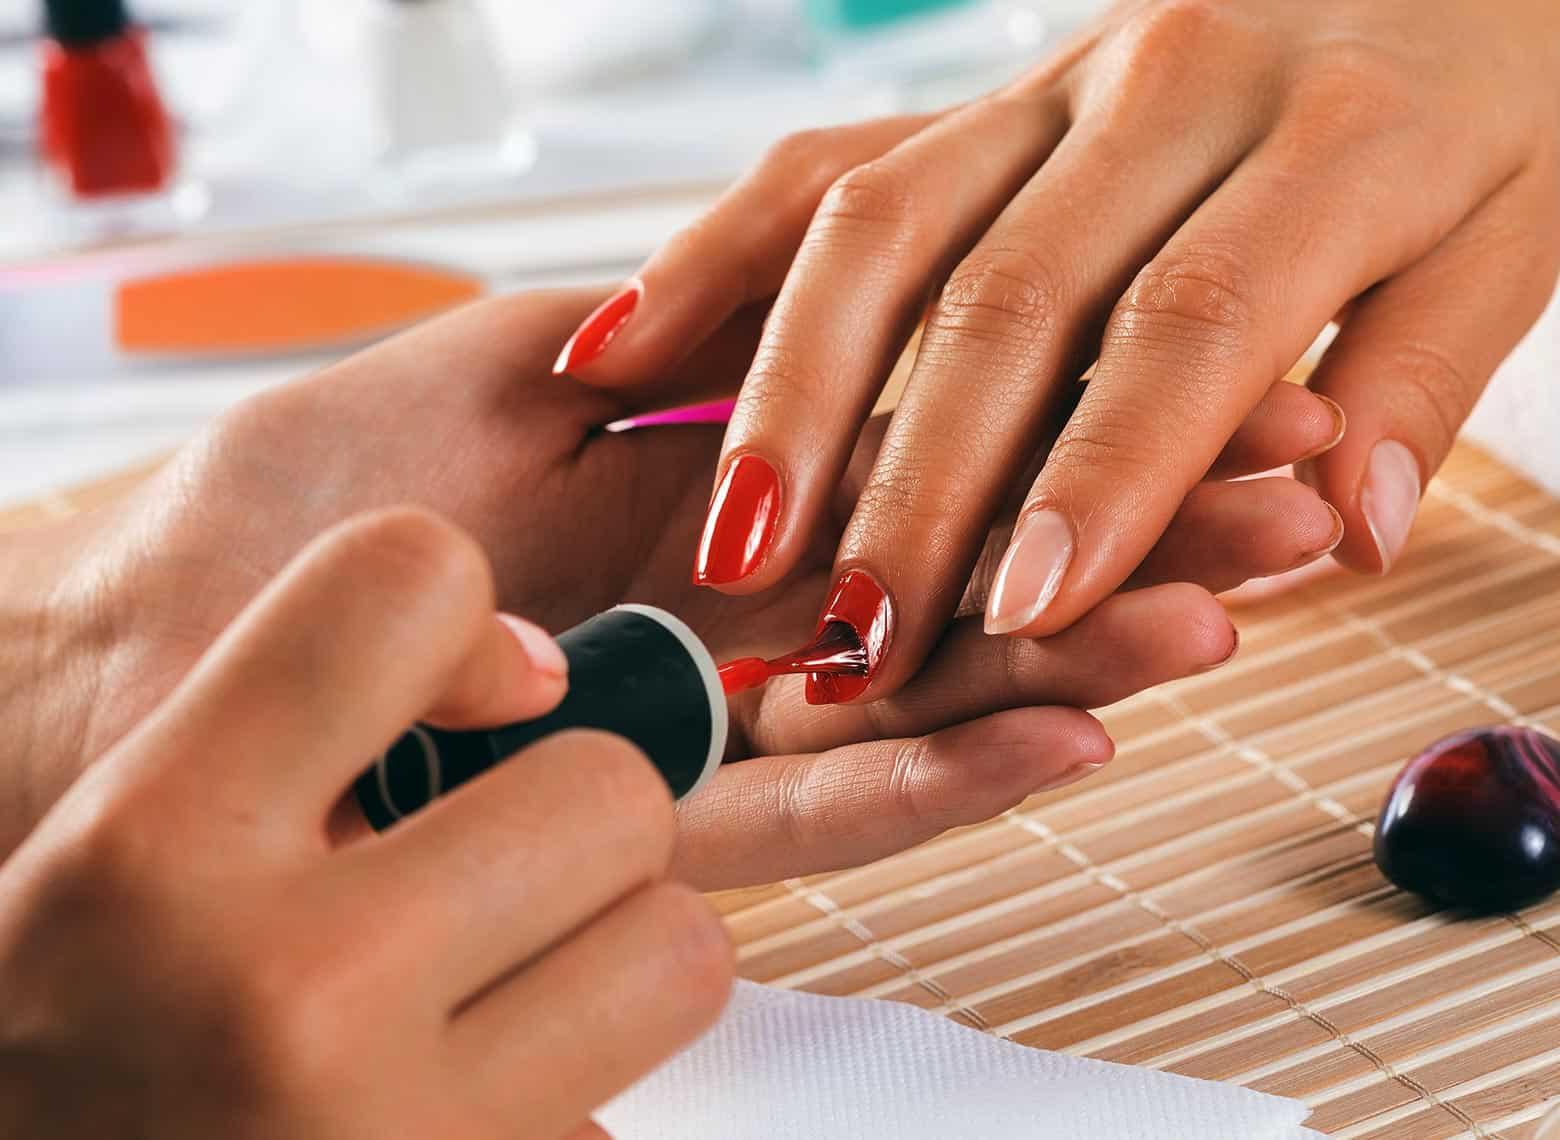 vinylux manicure